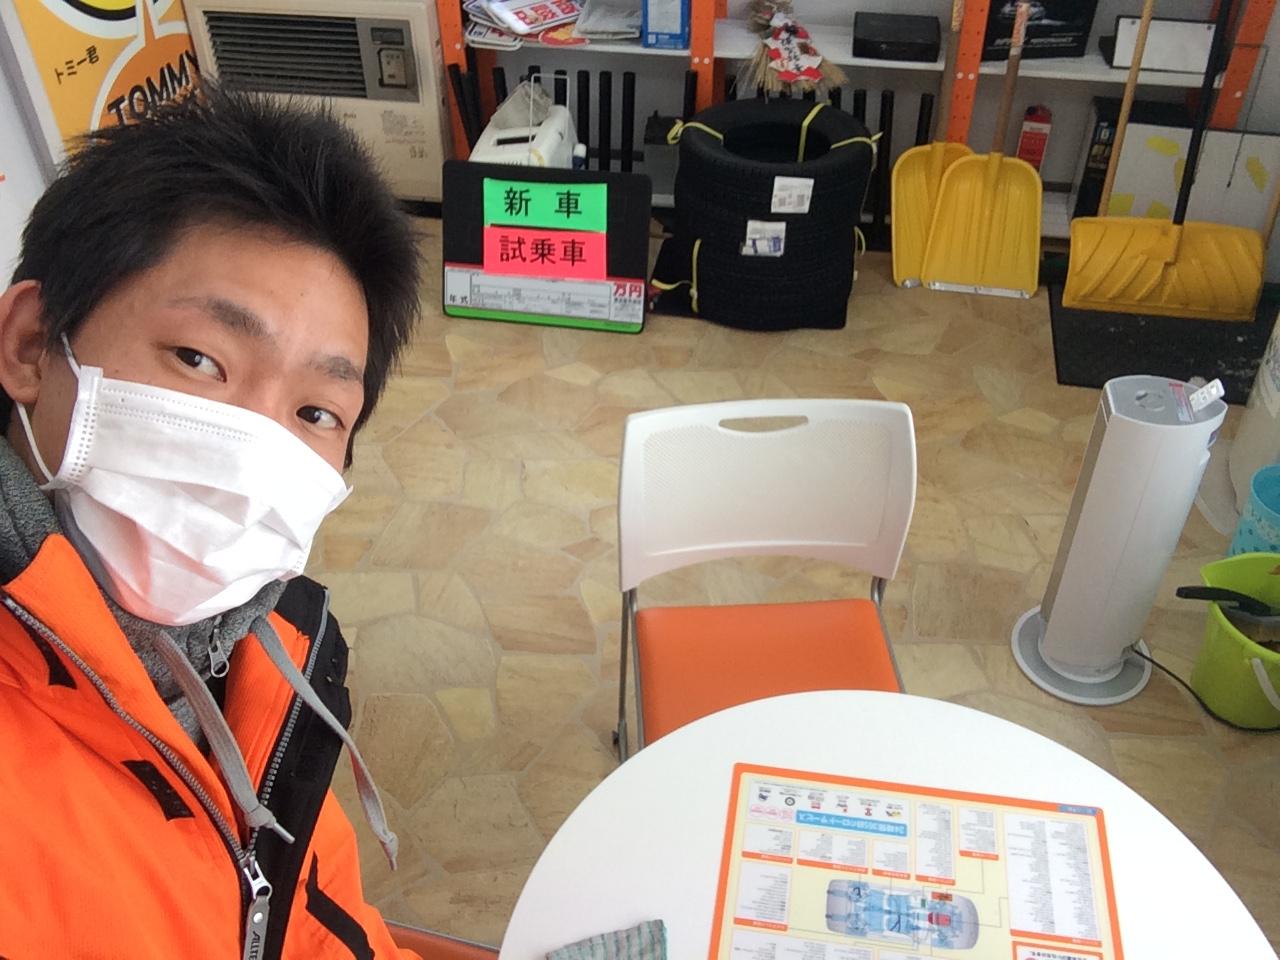 1月13日(火)トミーアウトレット☆神宮参拝☆初体験!!!グッチーブログ_b0127002_185025100.jpg